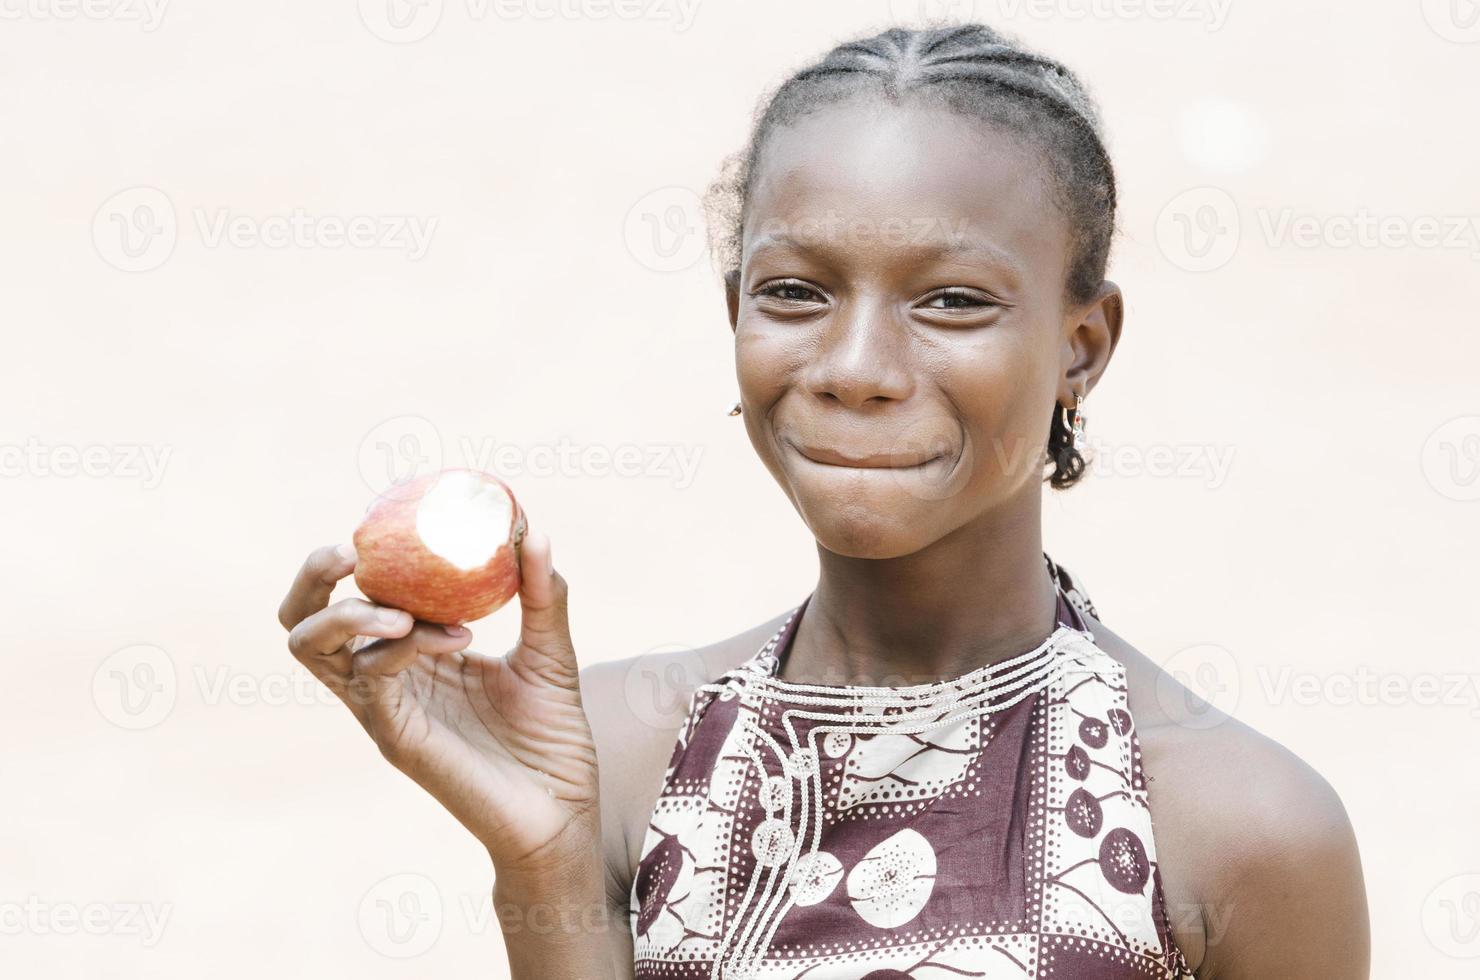 prachtig Afrikaans zwart schoolmeisje dat een appel bijt - gezondheidsachtergrond foto